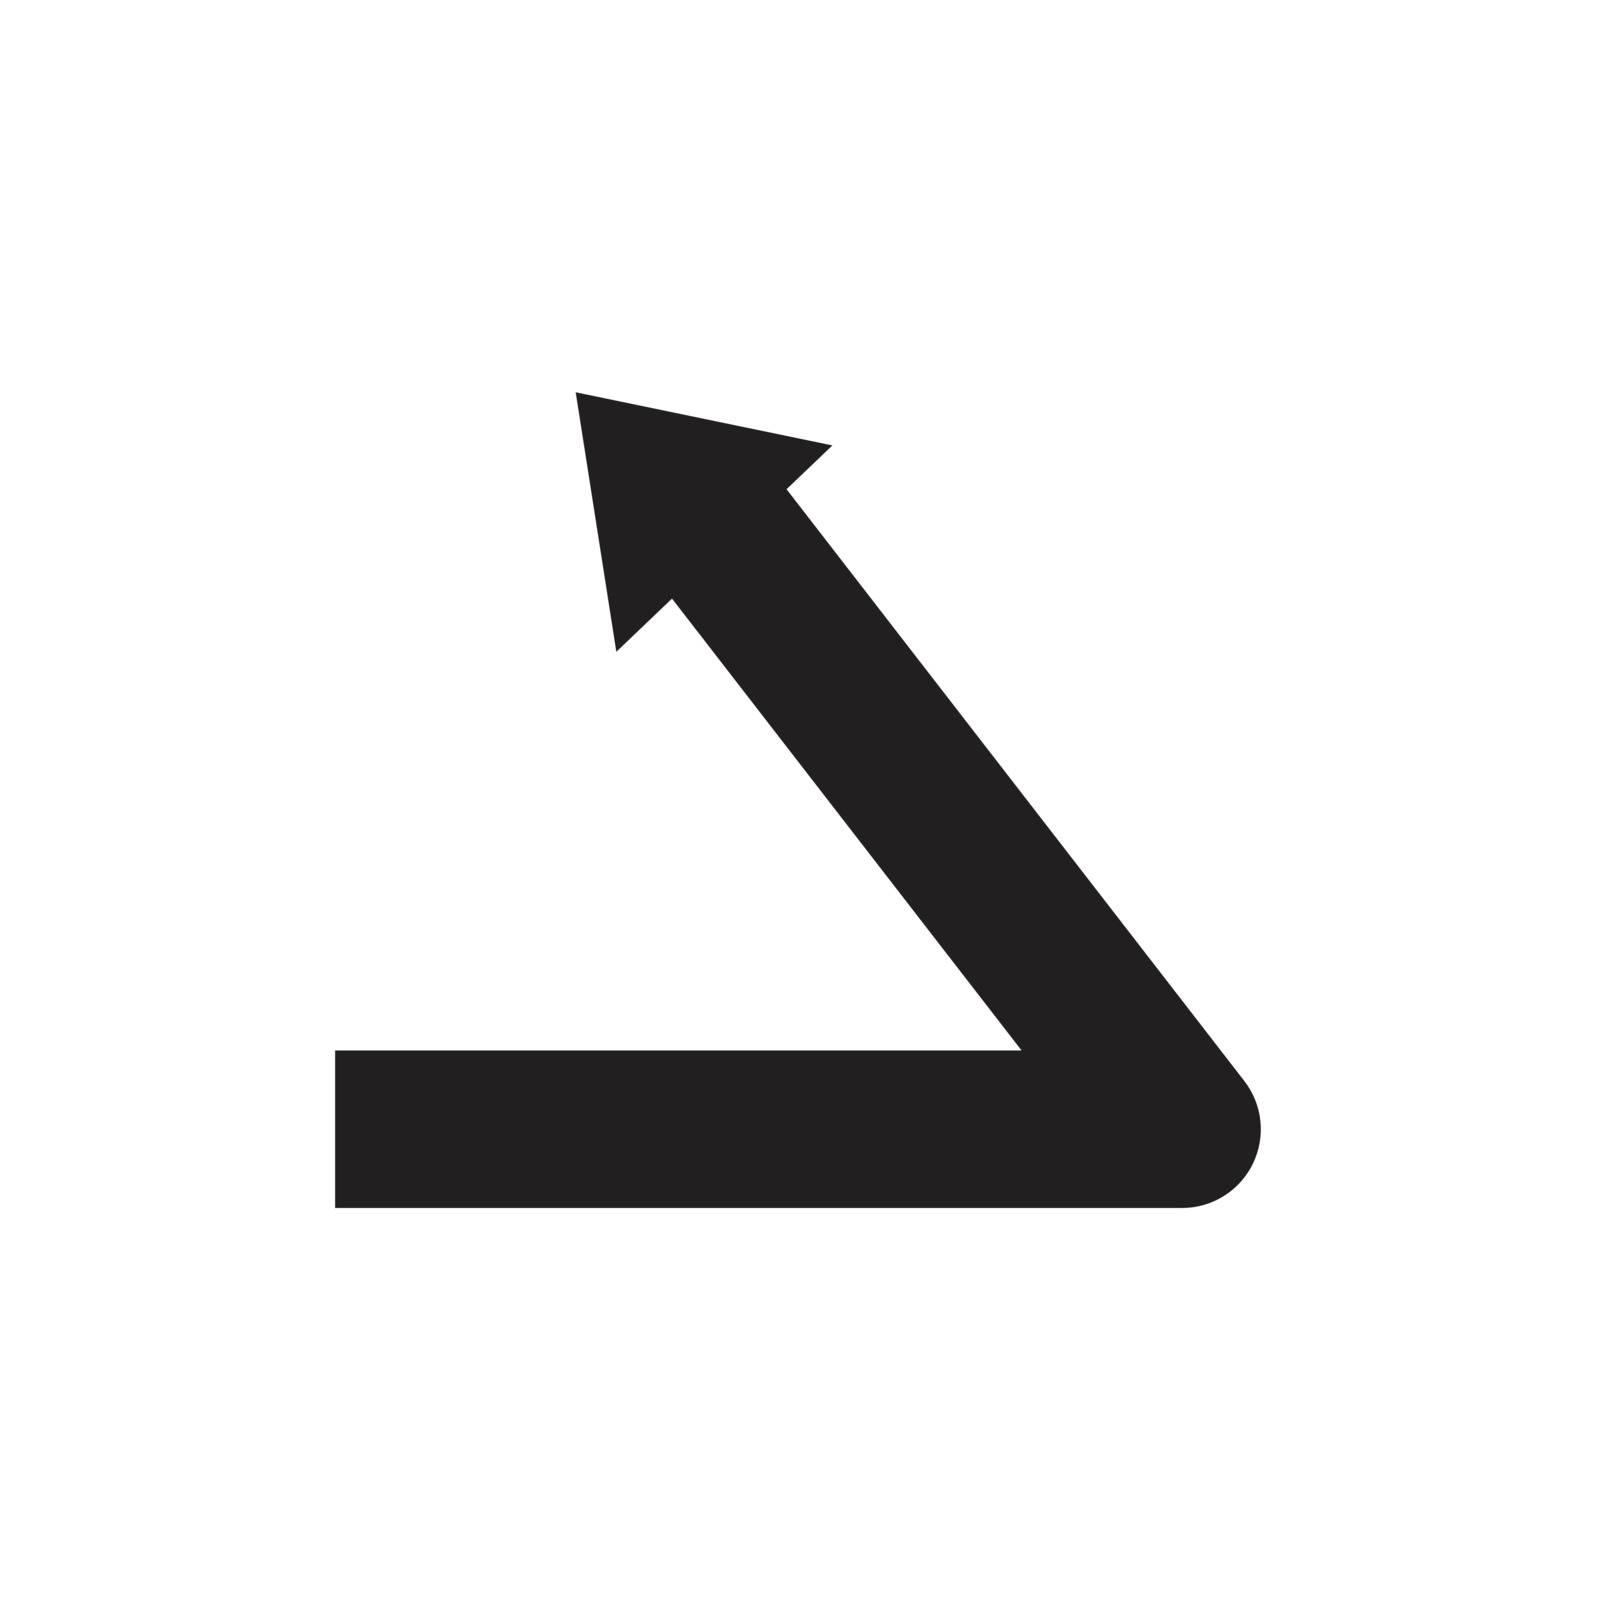 Sharp curve